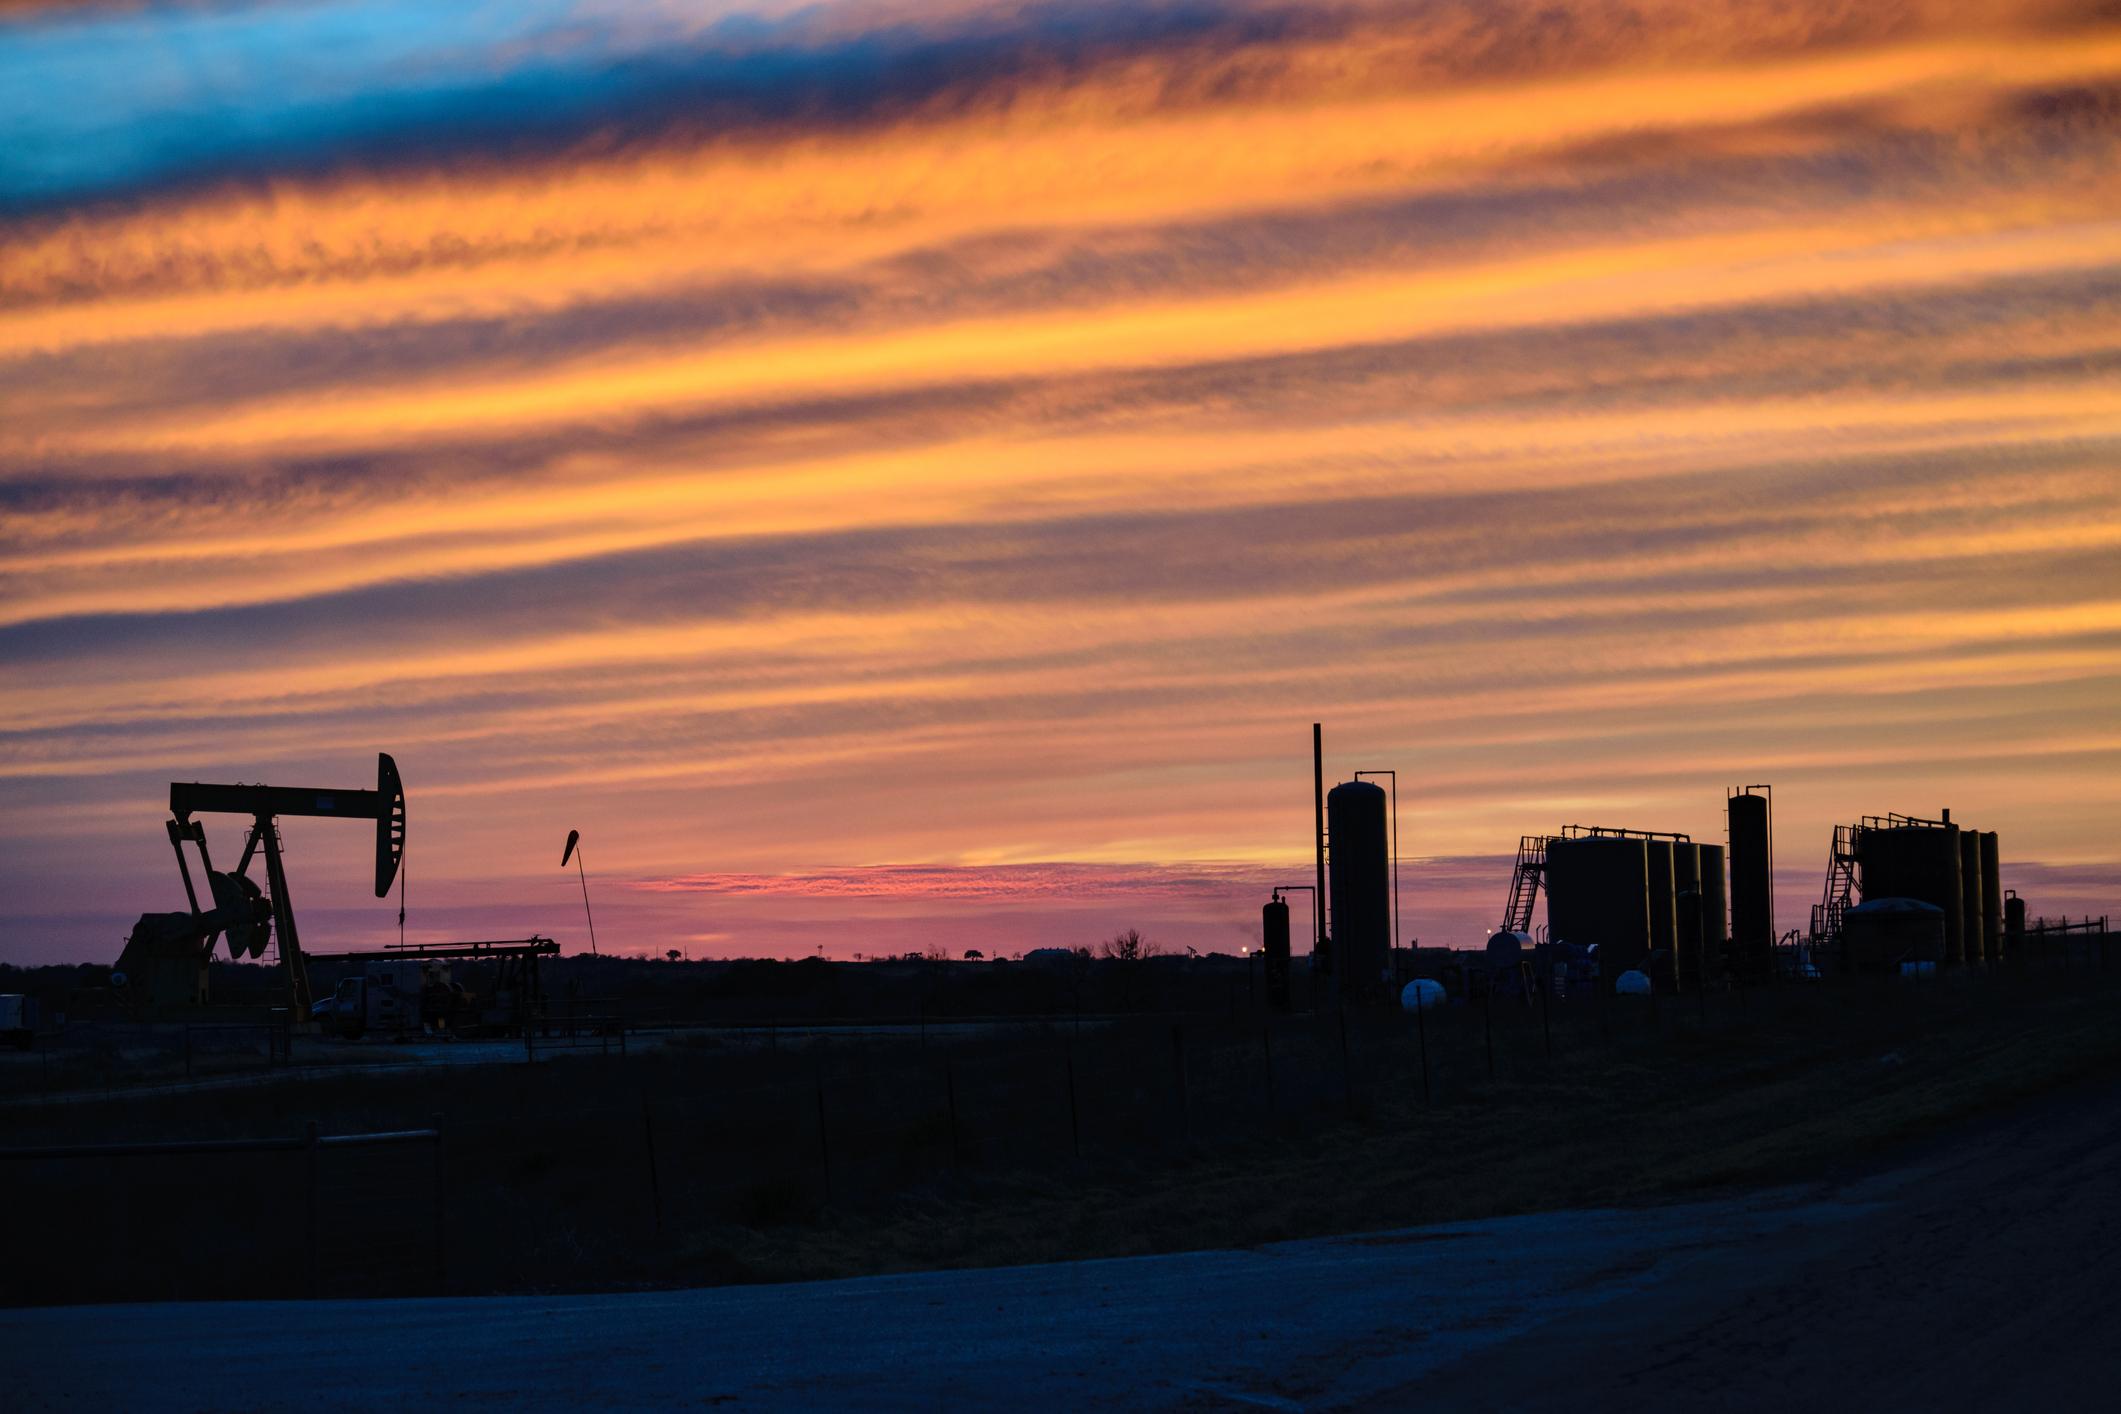 The Oil Industry's 2021 Outlook Looks Bleak